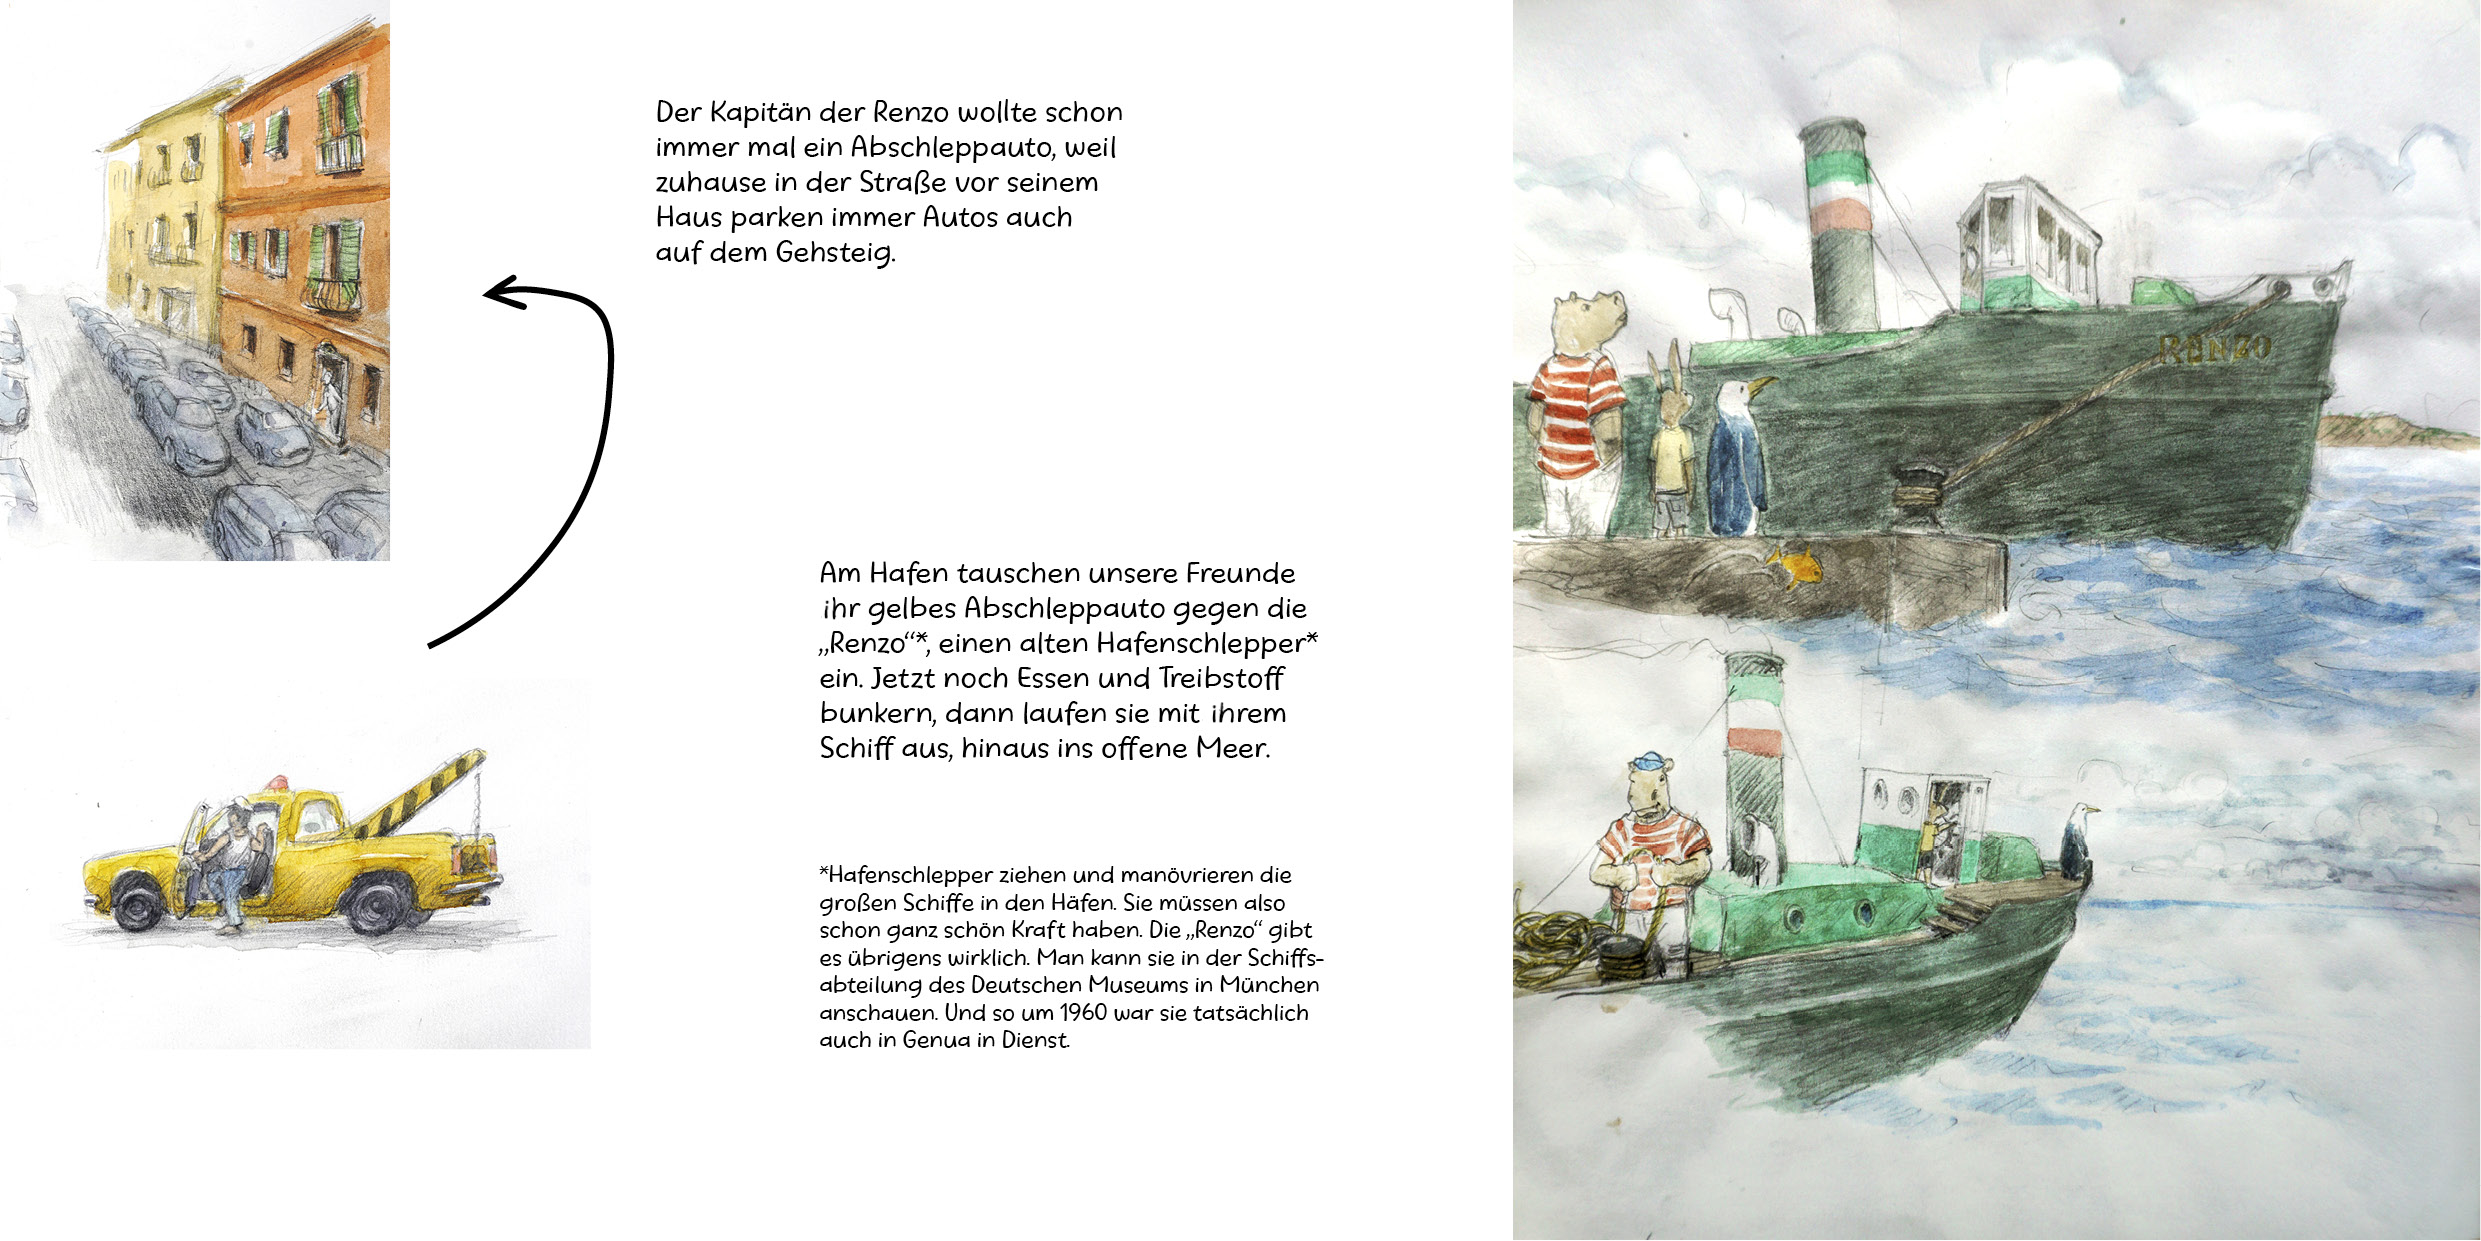 Tankstelle der Tiere III _ Die grosse Reise Seite 27-28